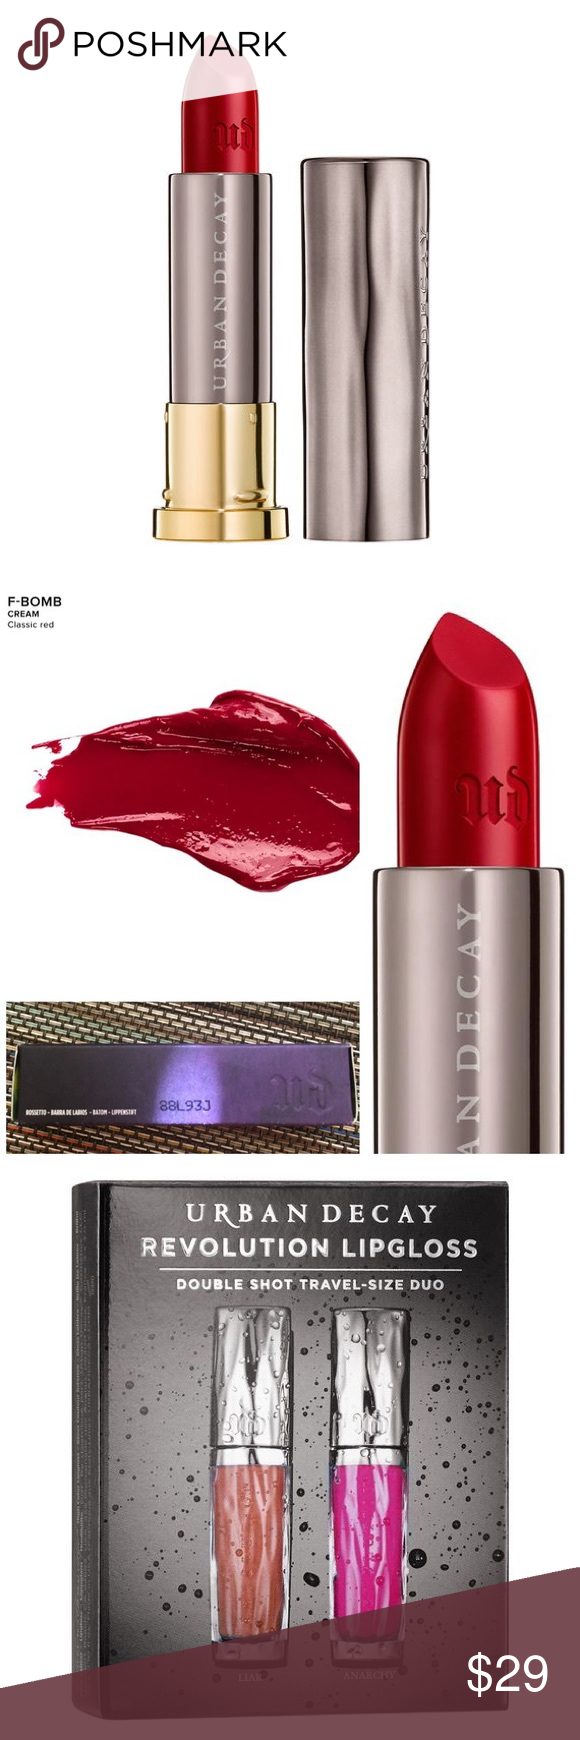 NEW Urban Decay lipstick and lip glosses New in box Urban